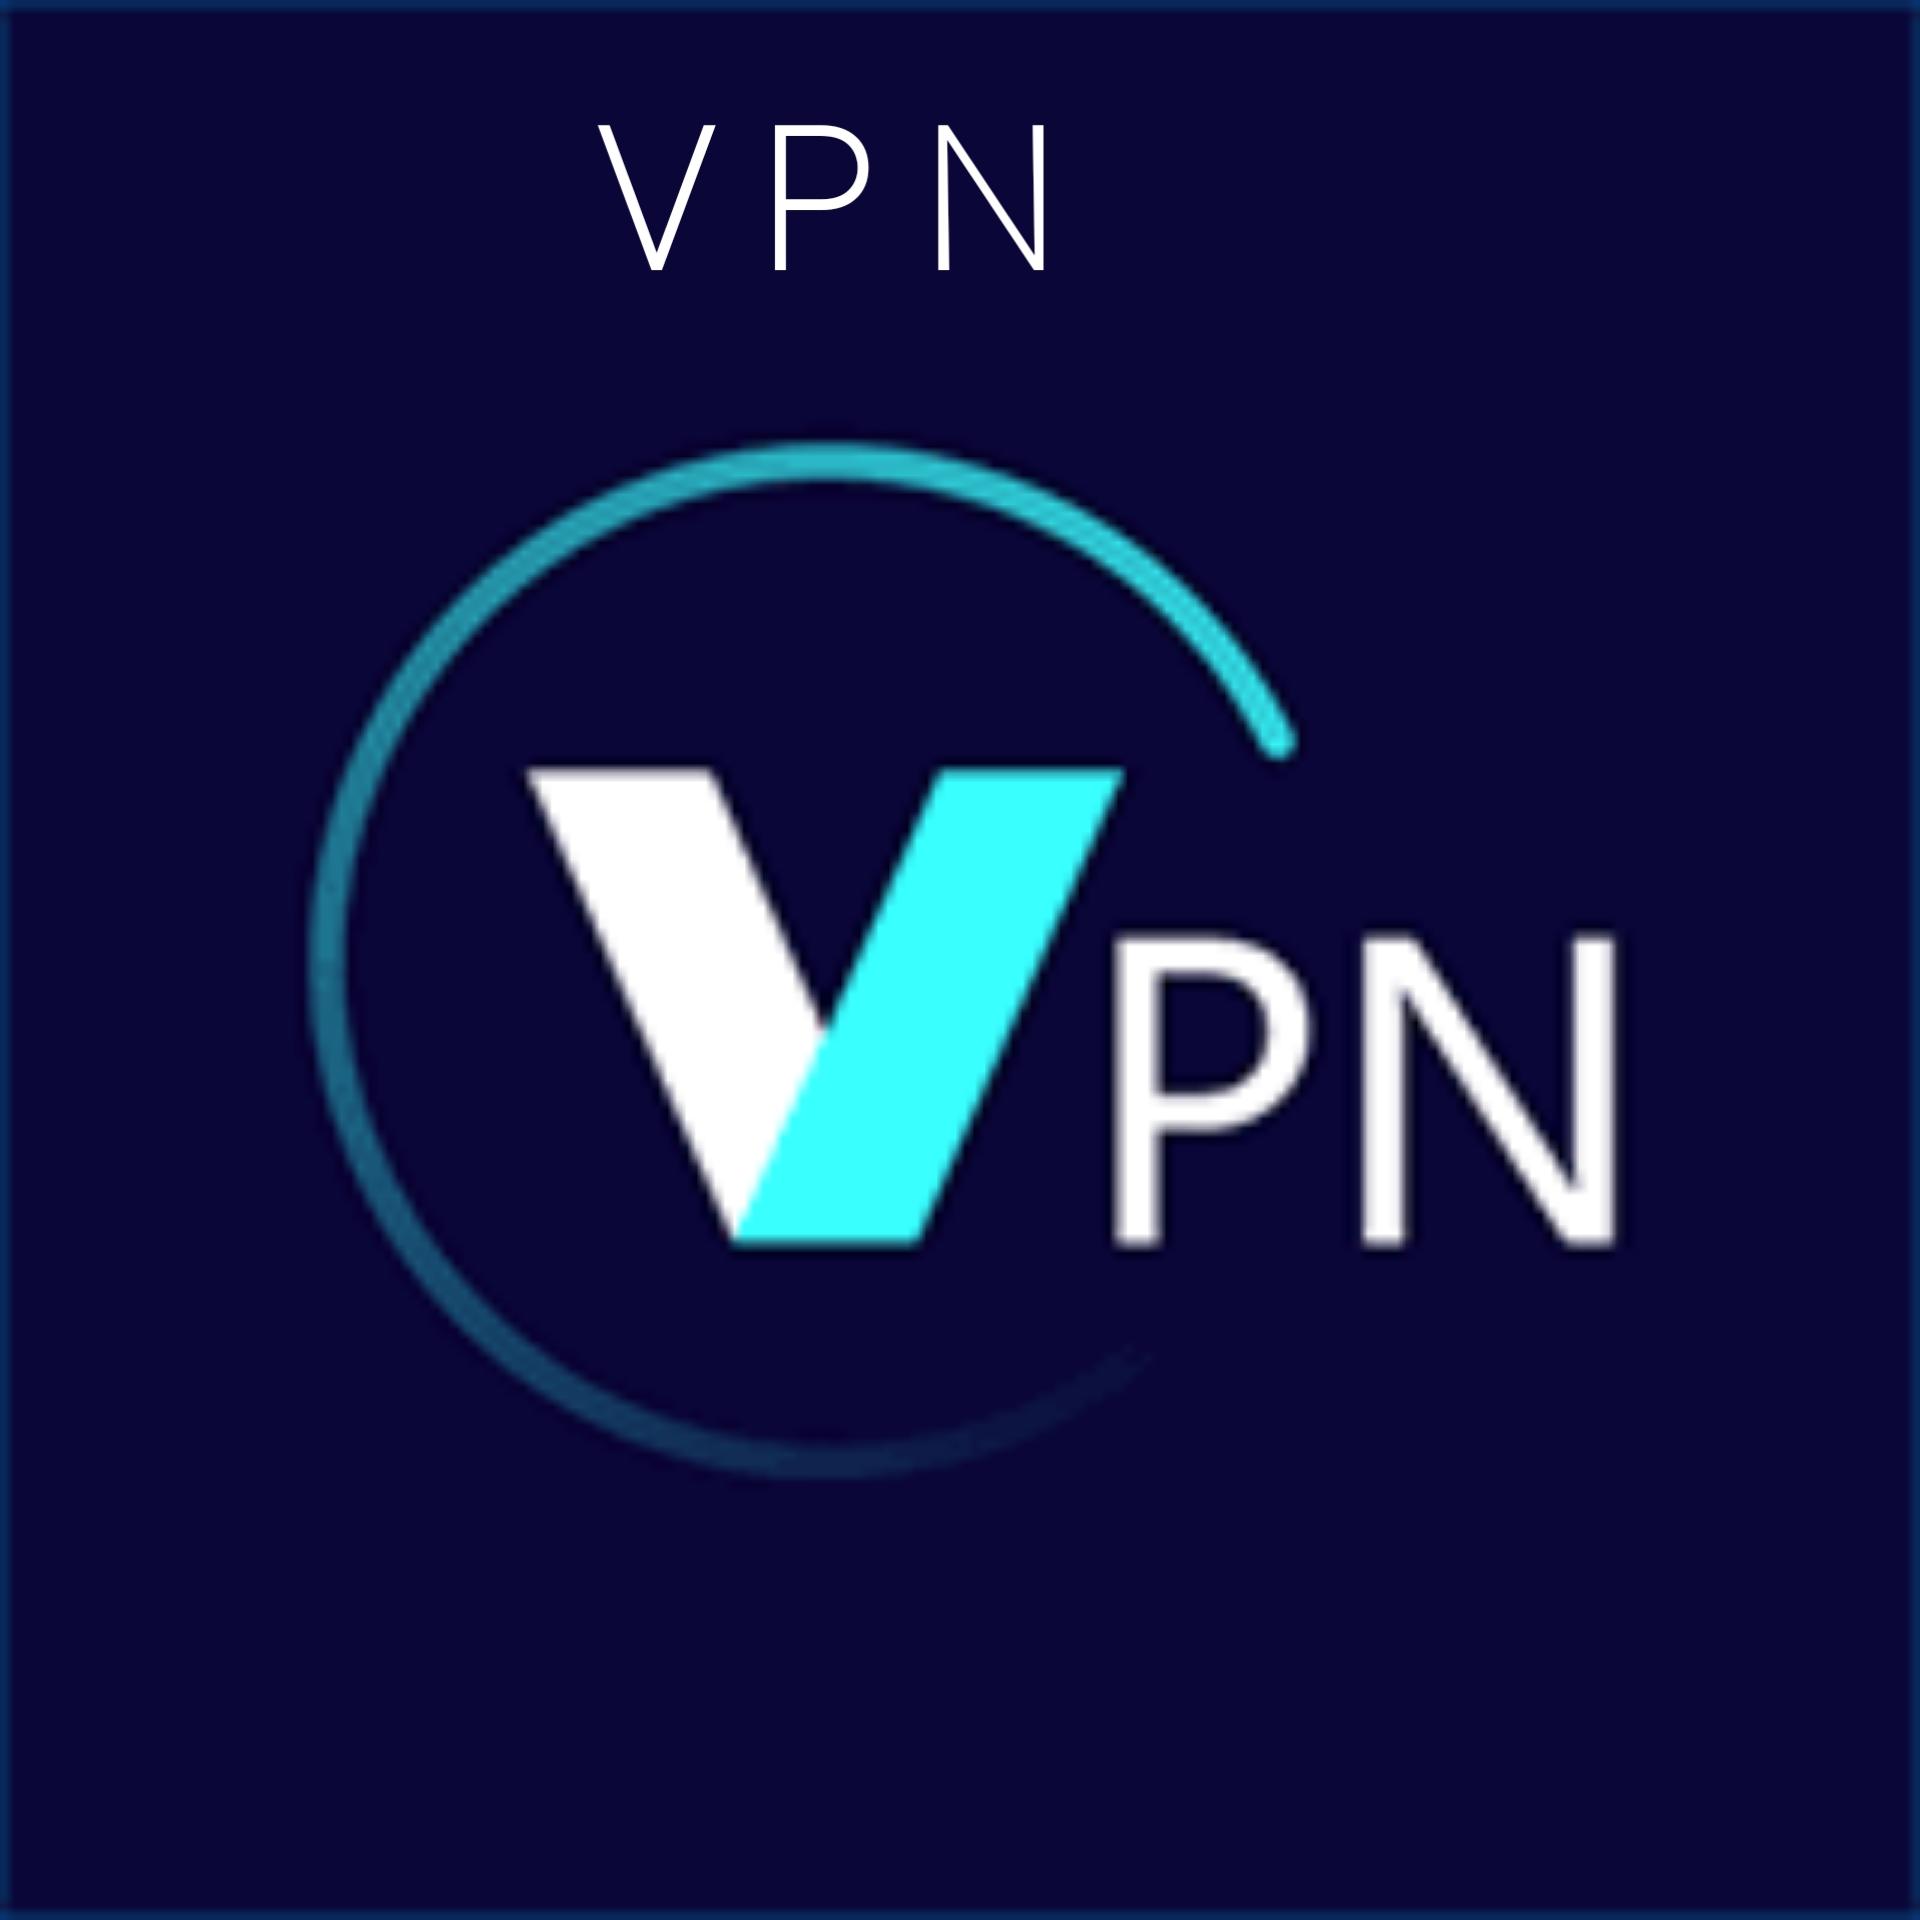 افضل تطبيق vpn للاندرويد للتحميل for android